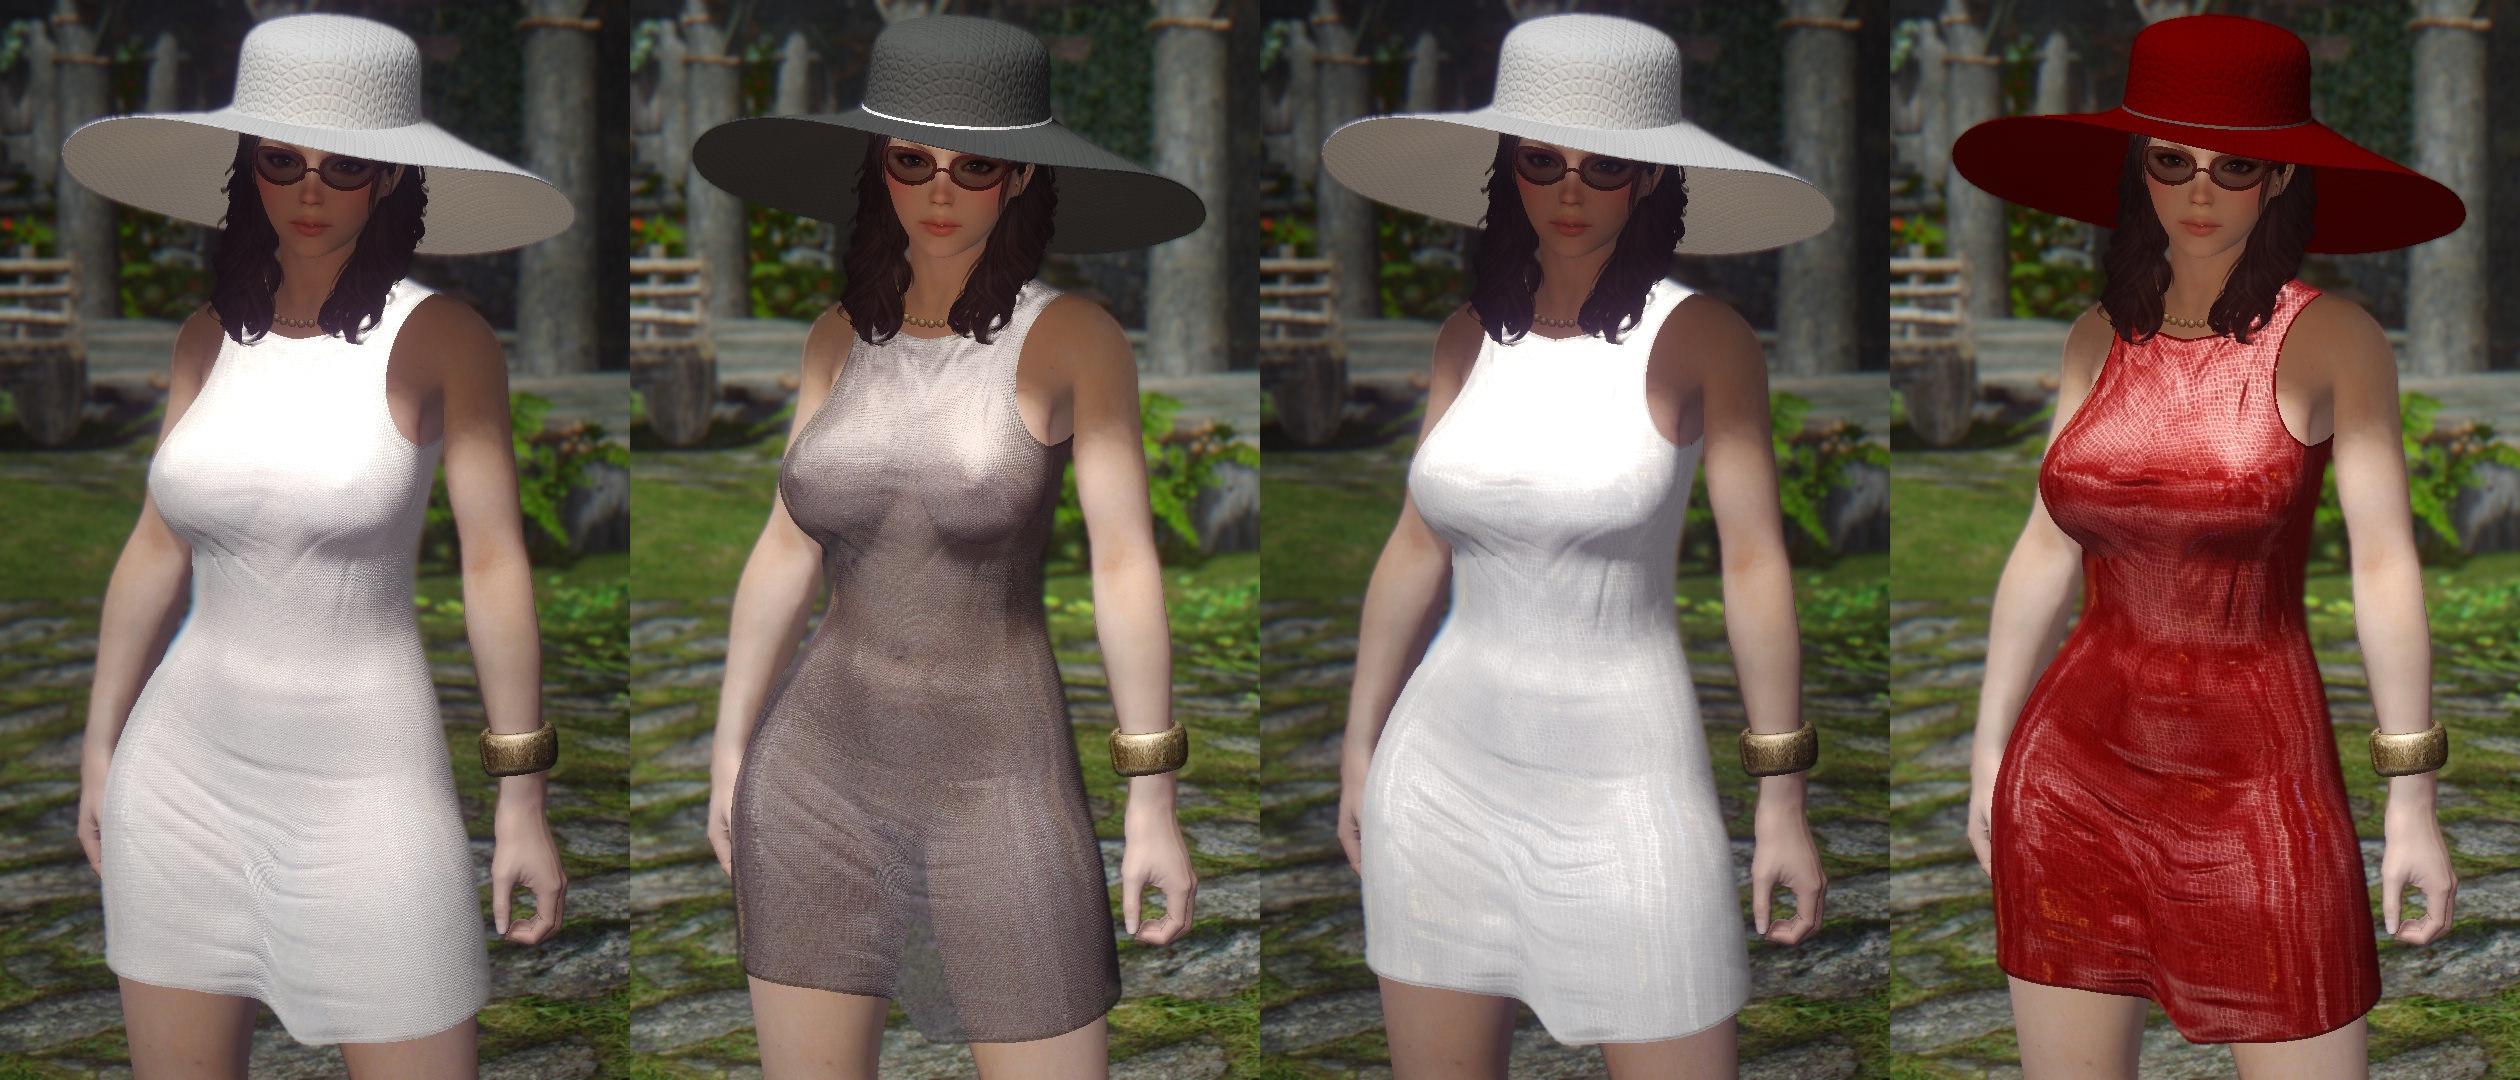 FG_Summer_Dress_UNPB_4.jpg